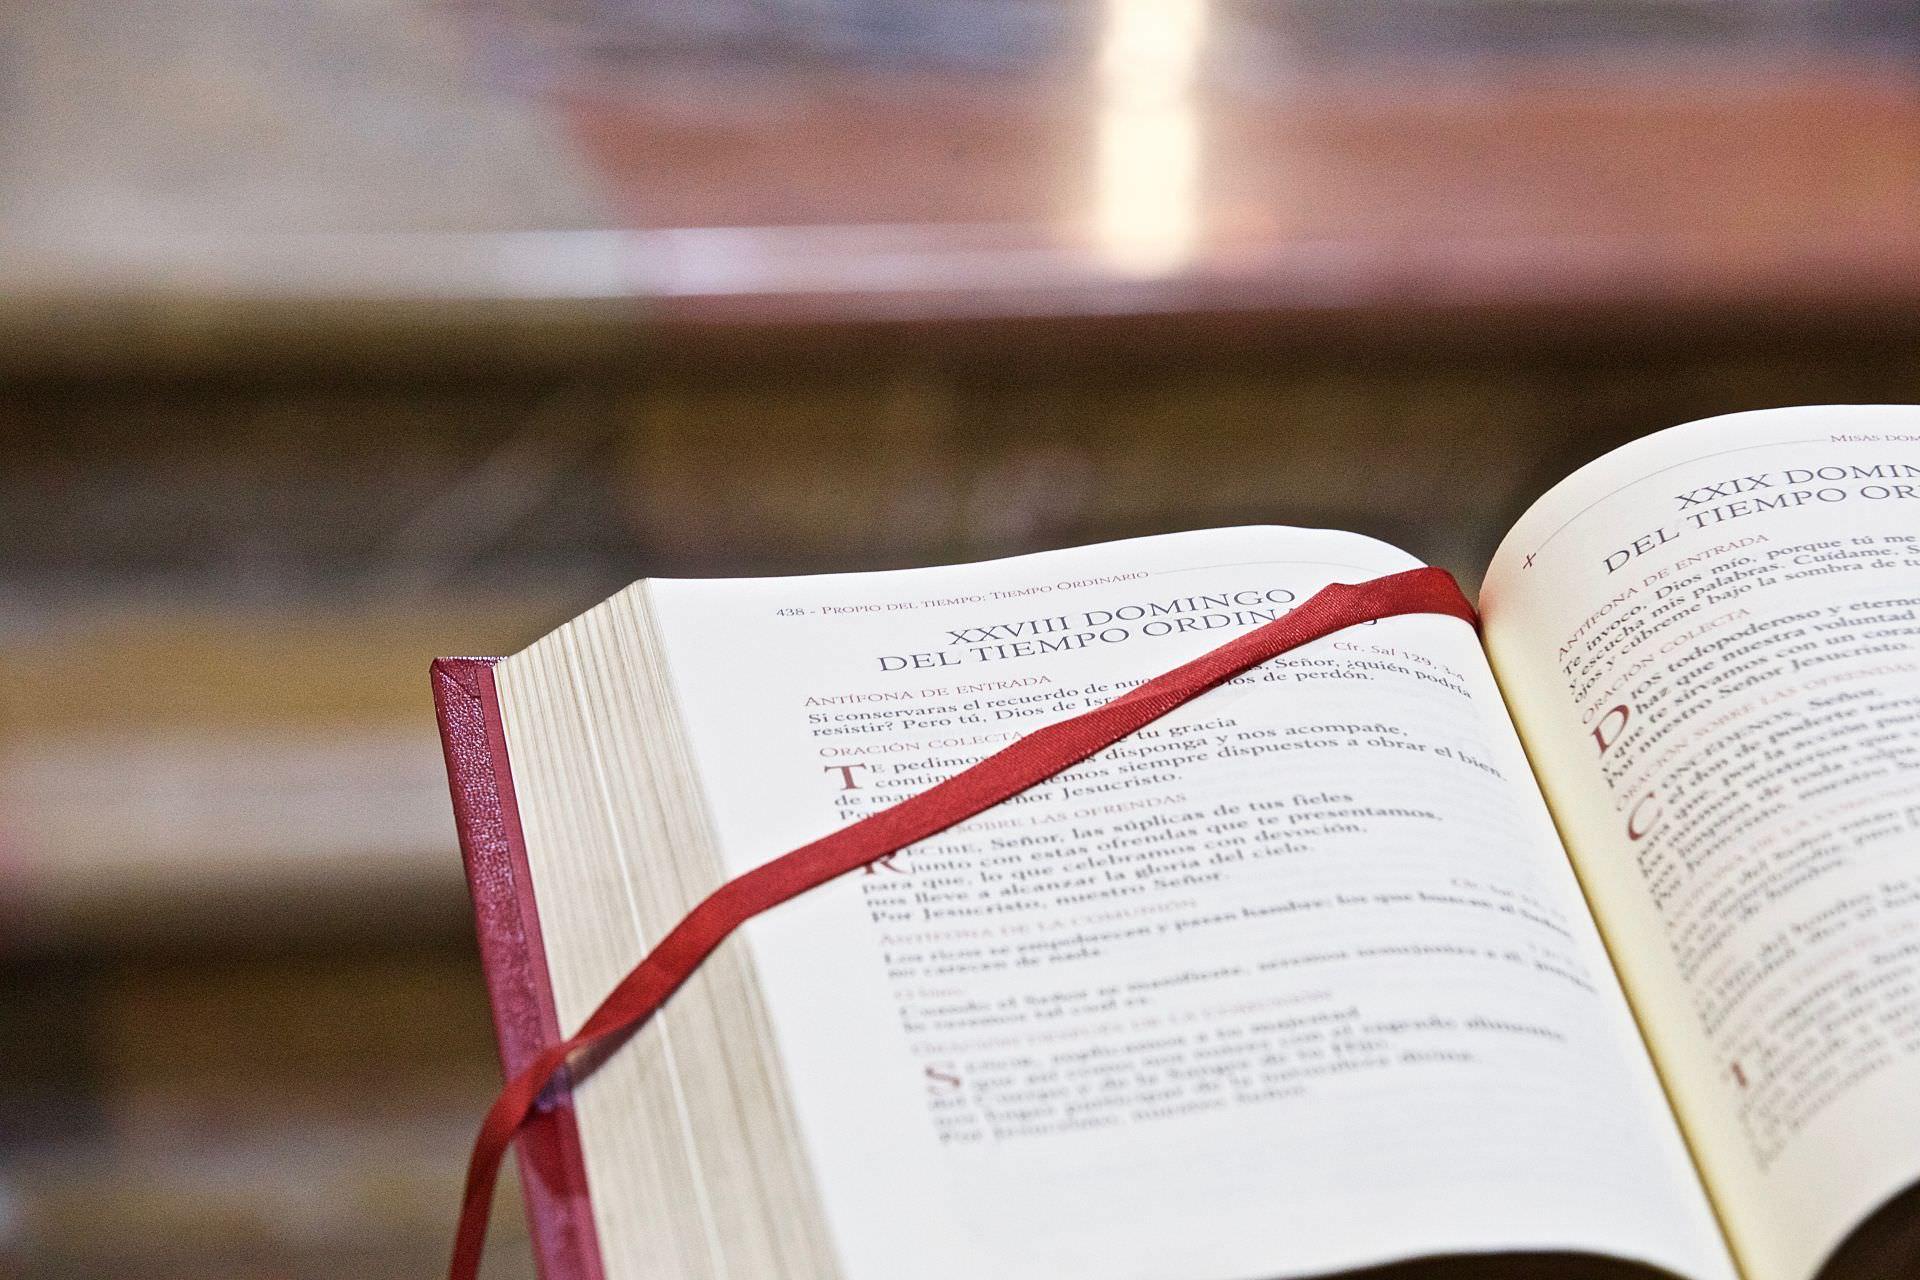 Papa: Quaresma, tempo de se desligar do celular e se conectar com o Evangelho